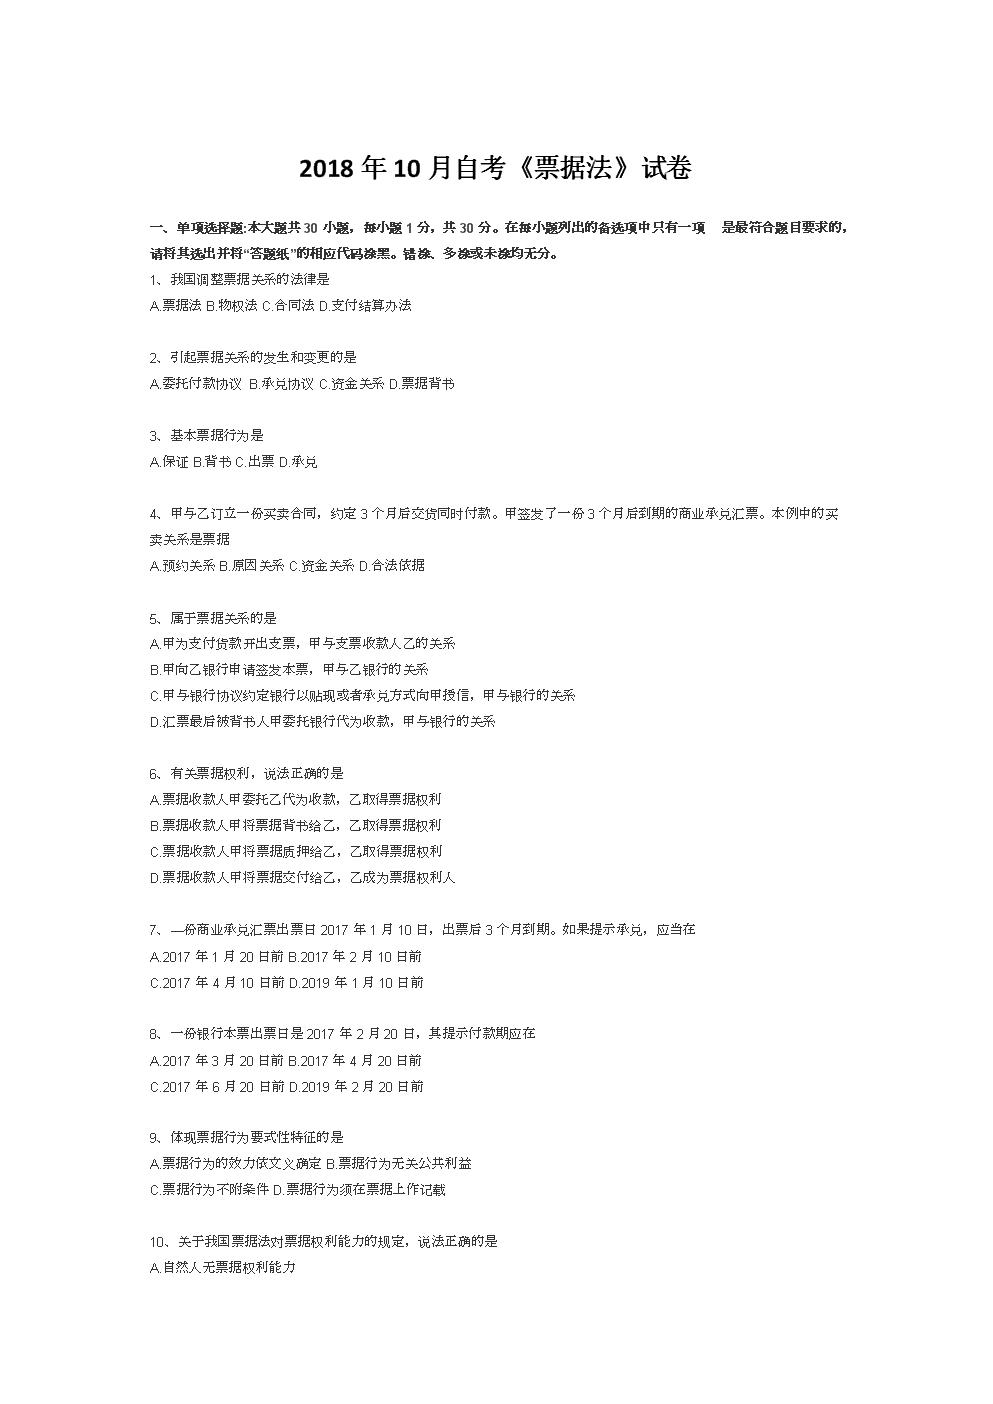 【自考真题】2018年10月自考《票据法》试卷.doc